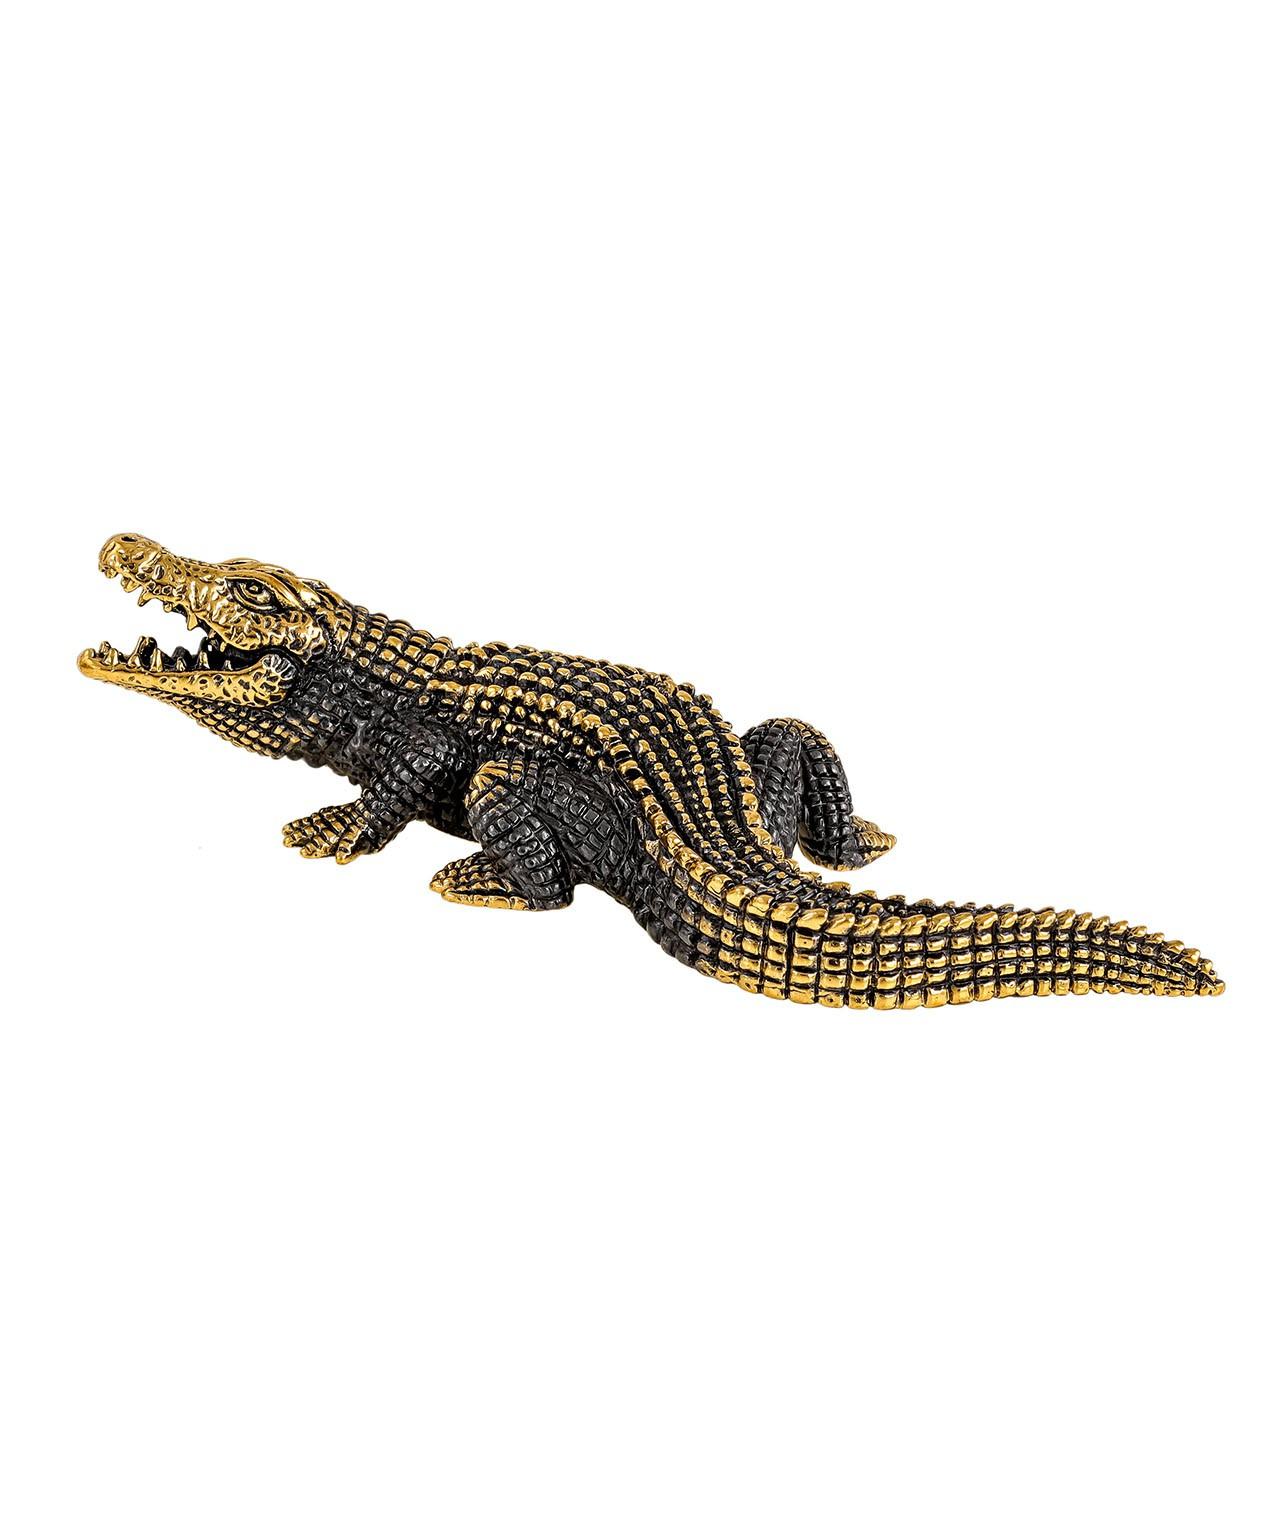 Крокодил Саванна без подставки 2251.1